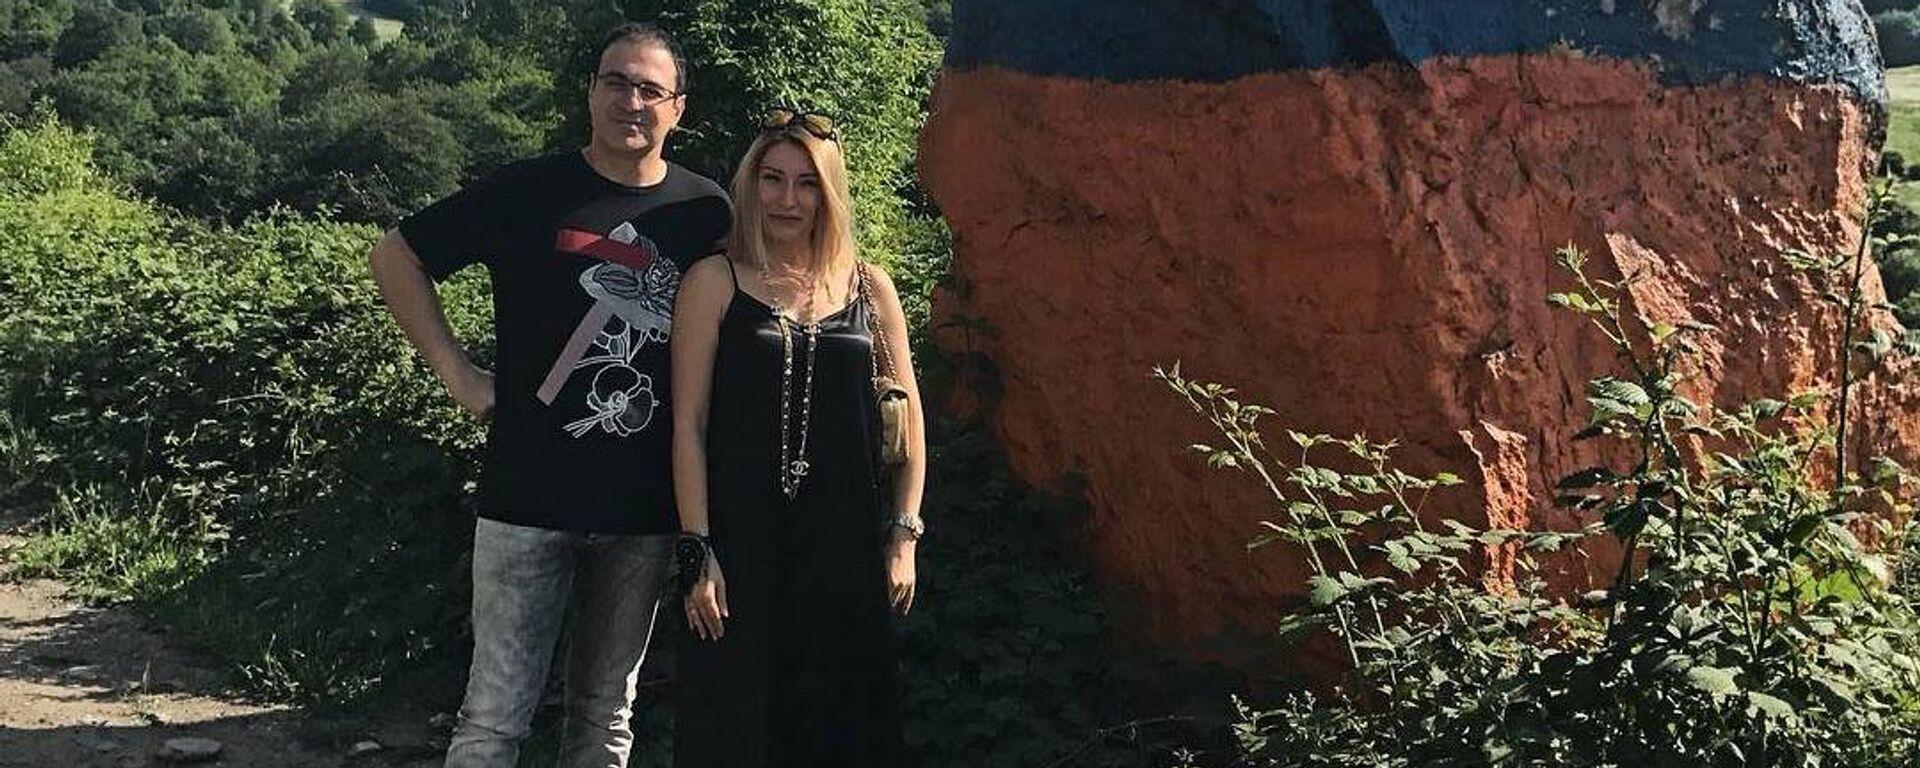 Гарик Мартиросян и Жанна Левина - Sputnik Армения, 1920, 22.08.2021